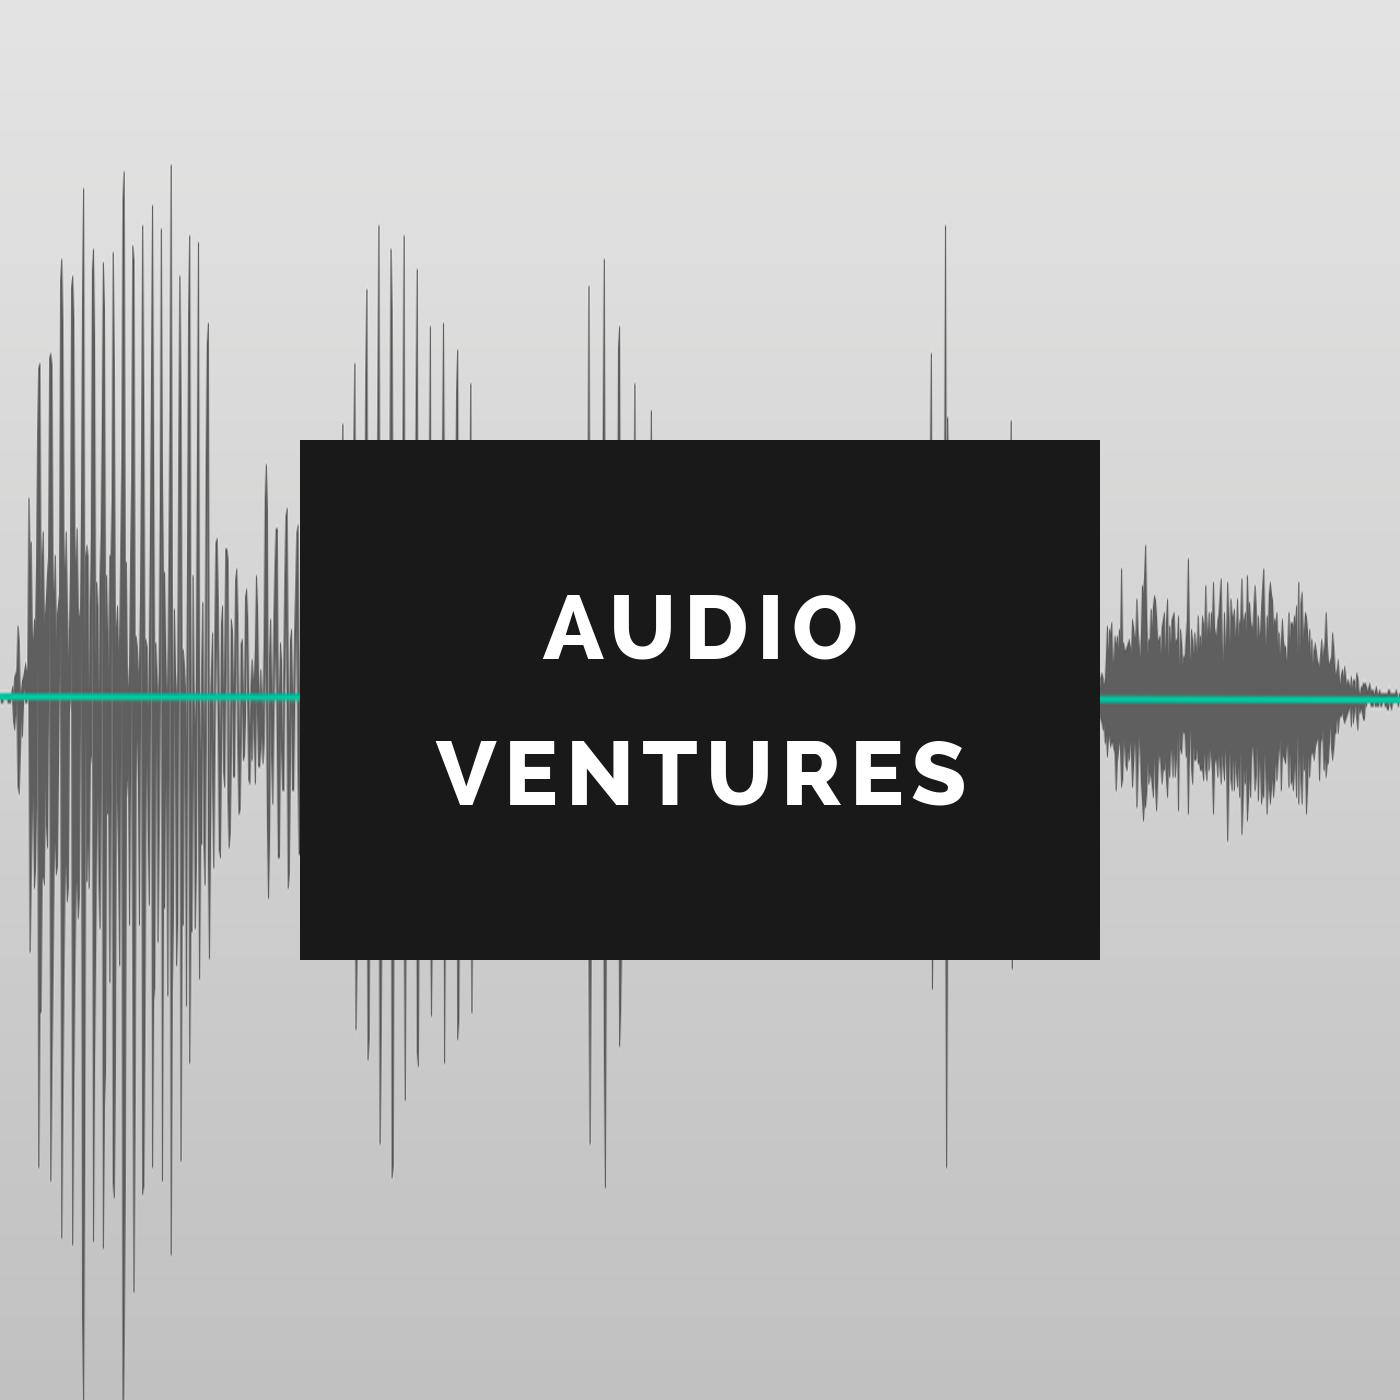 Audioventures